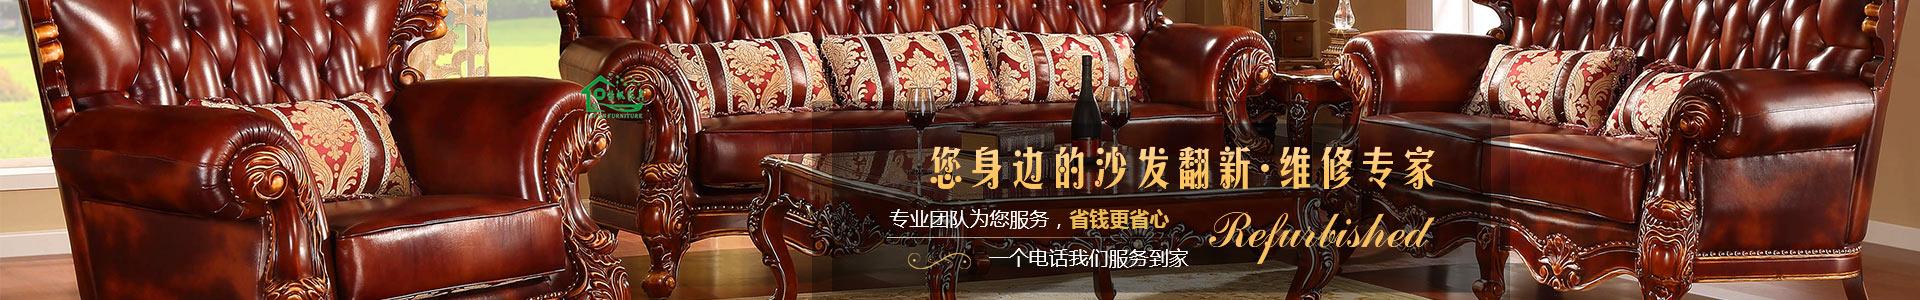 重庆沙发维修翻新